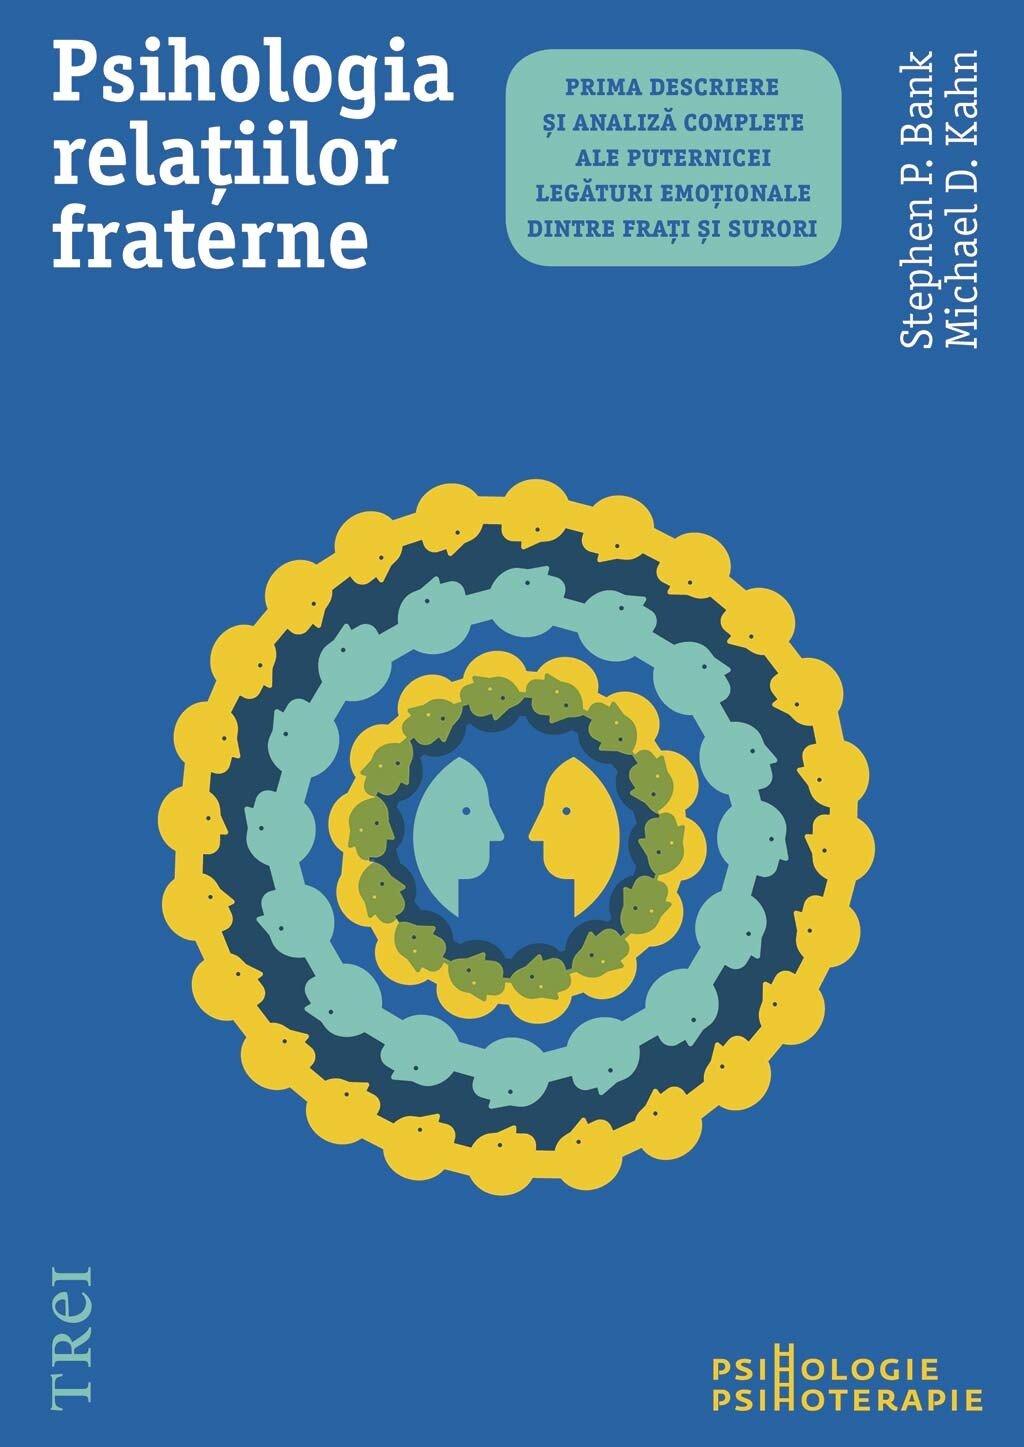 Psihologia relatiilor fraterne. Prima descriere si analiza complete ale puternicei legaturi emotionale dintre frati si surori (eBook)